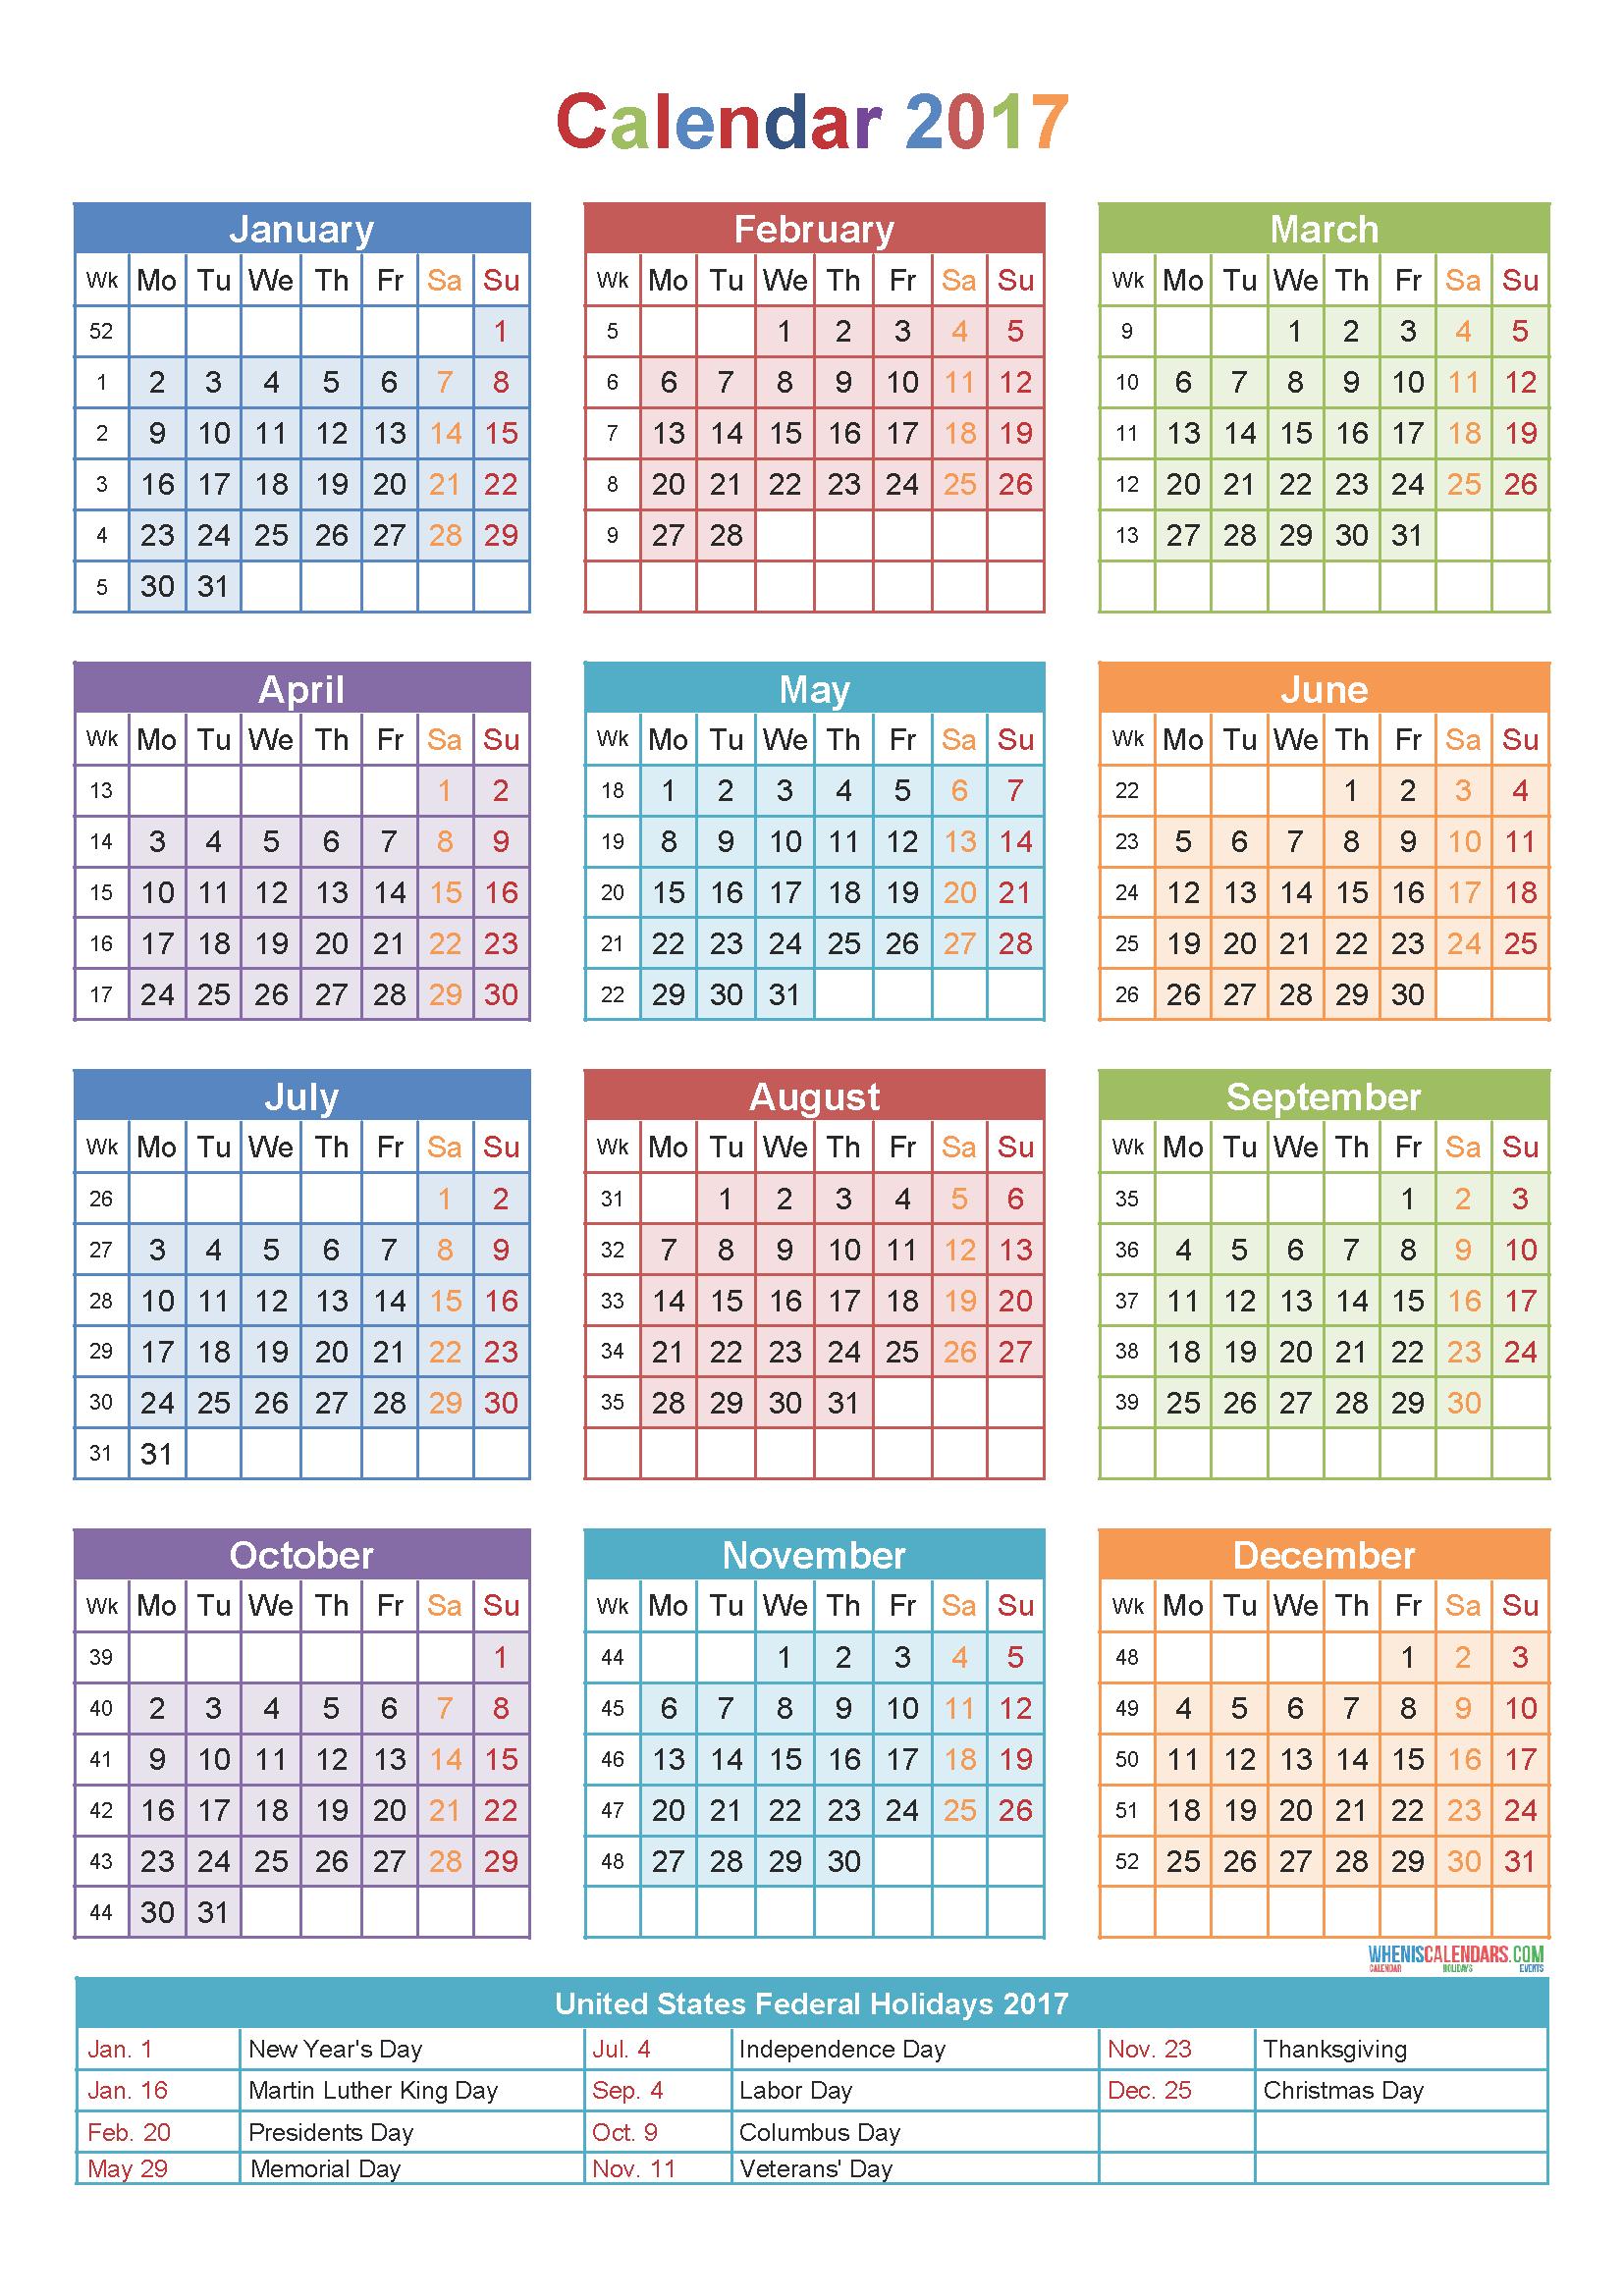 calendar 2017 by week number | Holidays | Pinterest | Calendar ...